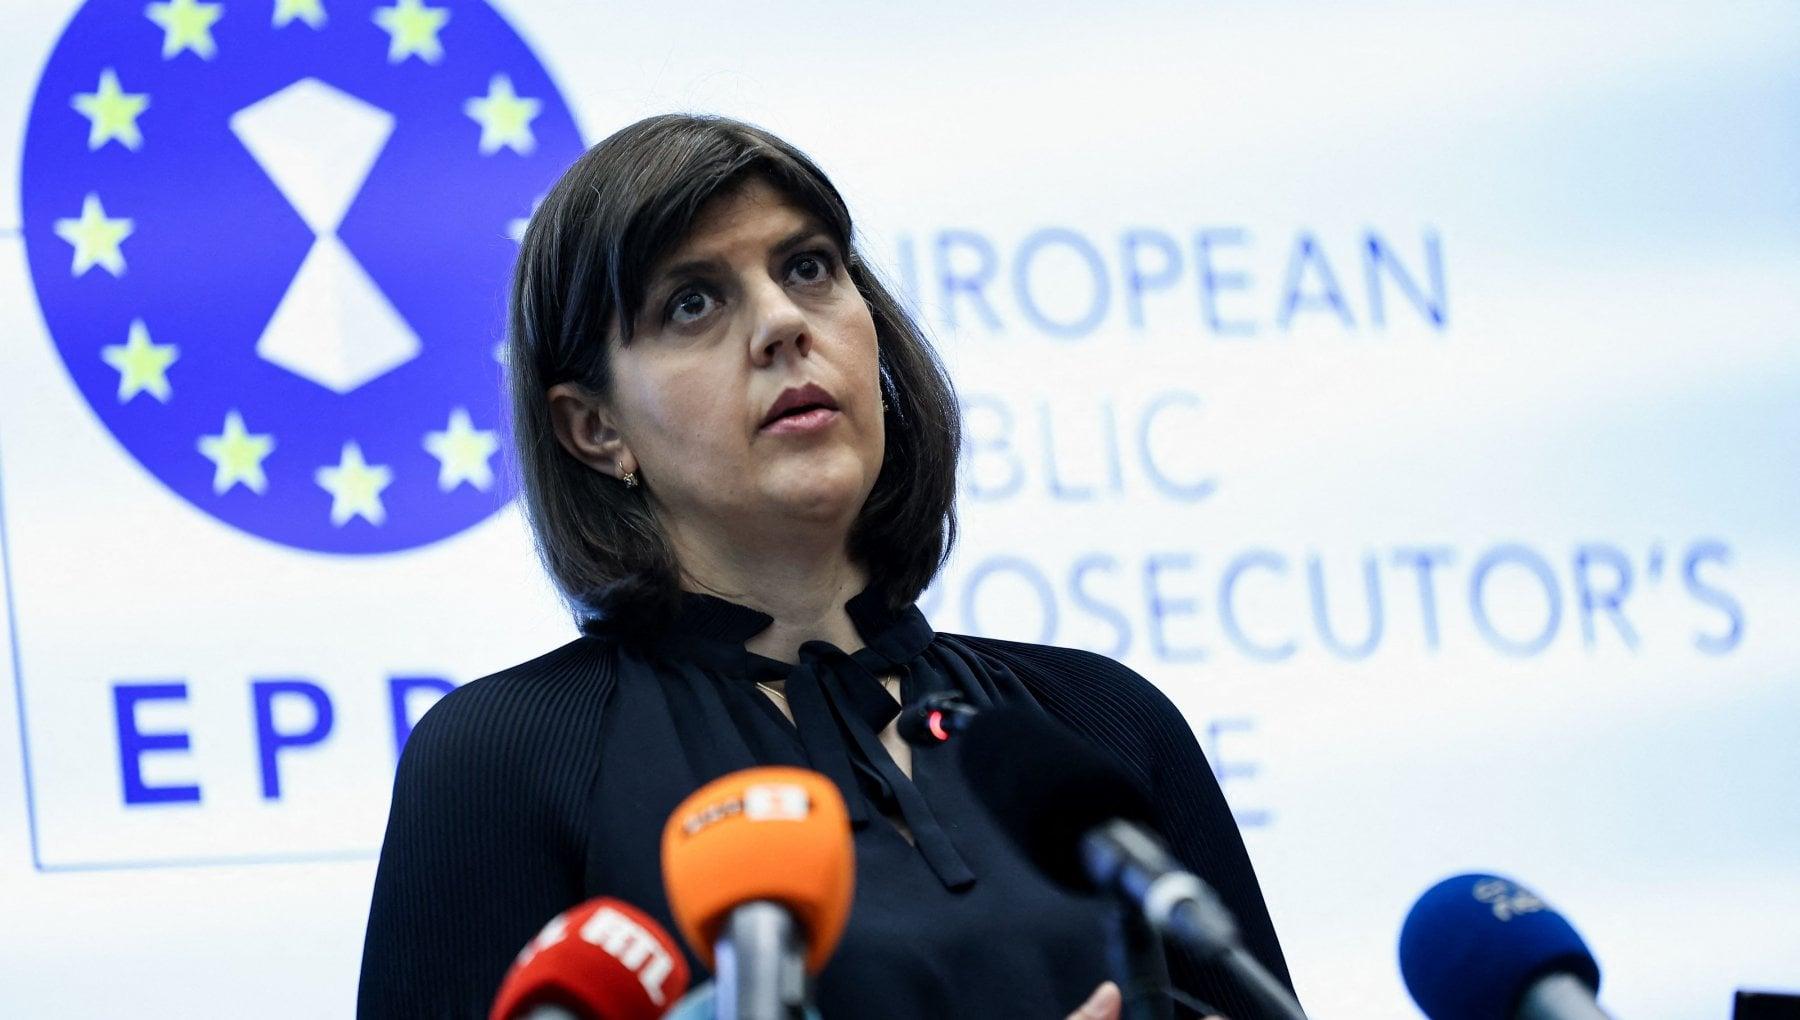 094435898 abc84263 2bfe 4da5 bd99 f02900364dc0 - La battaglia di Kovesi, l'eroina anti-mazzette della Romania ora a capo della Procura europea contro la corruzione